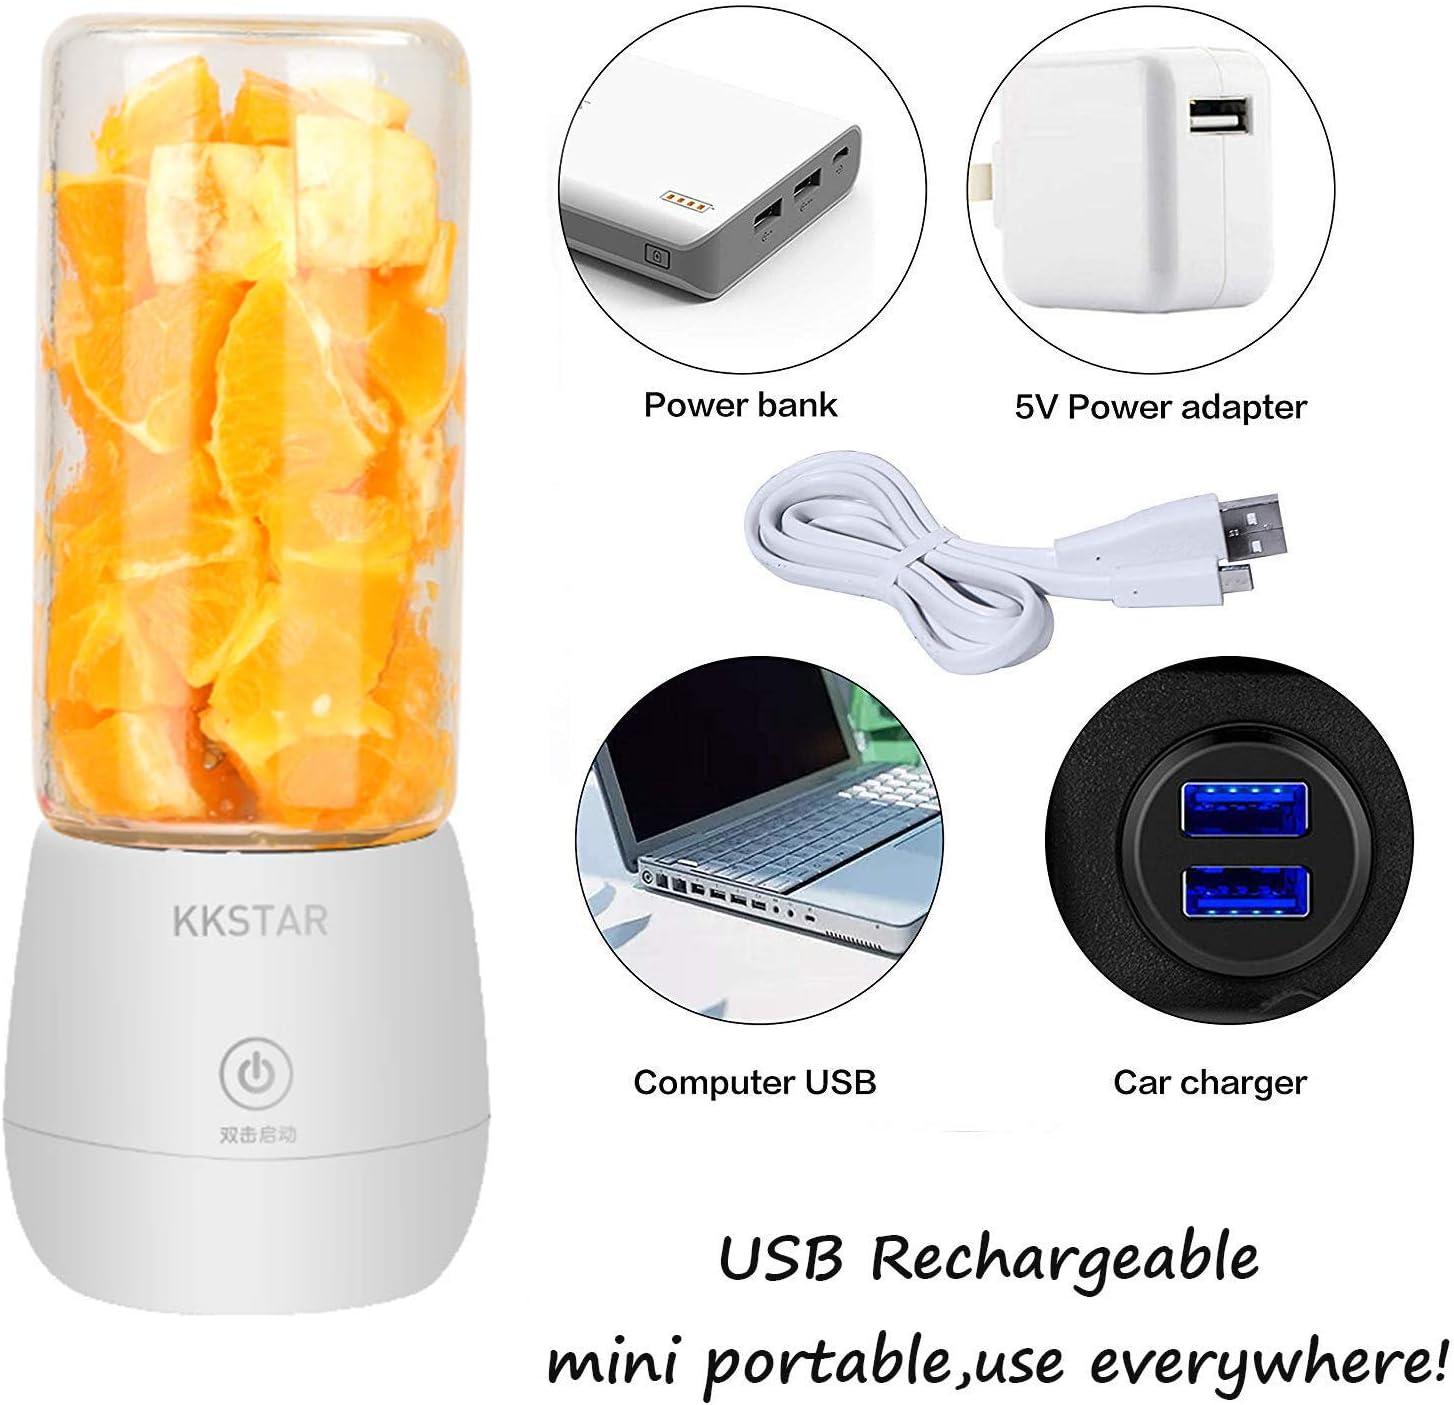 rose lait frapp/é et nourriture pour b/éb/és gymnase pour fruits KKSTAR Presse-agrumes /électrique portable bouteille de centrifugeuse de 450 ml /à 6 lames agrumes rechargeable par USB d/éplacements